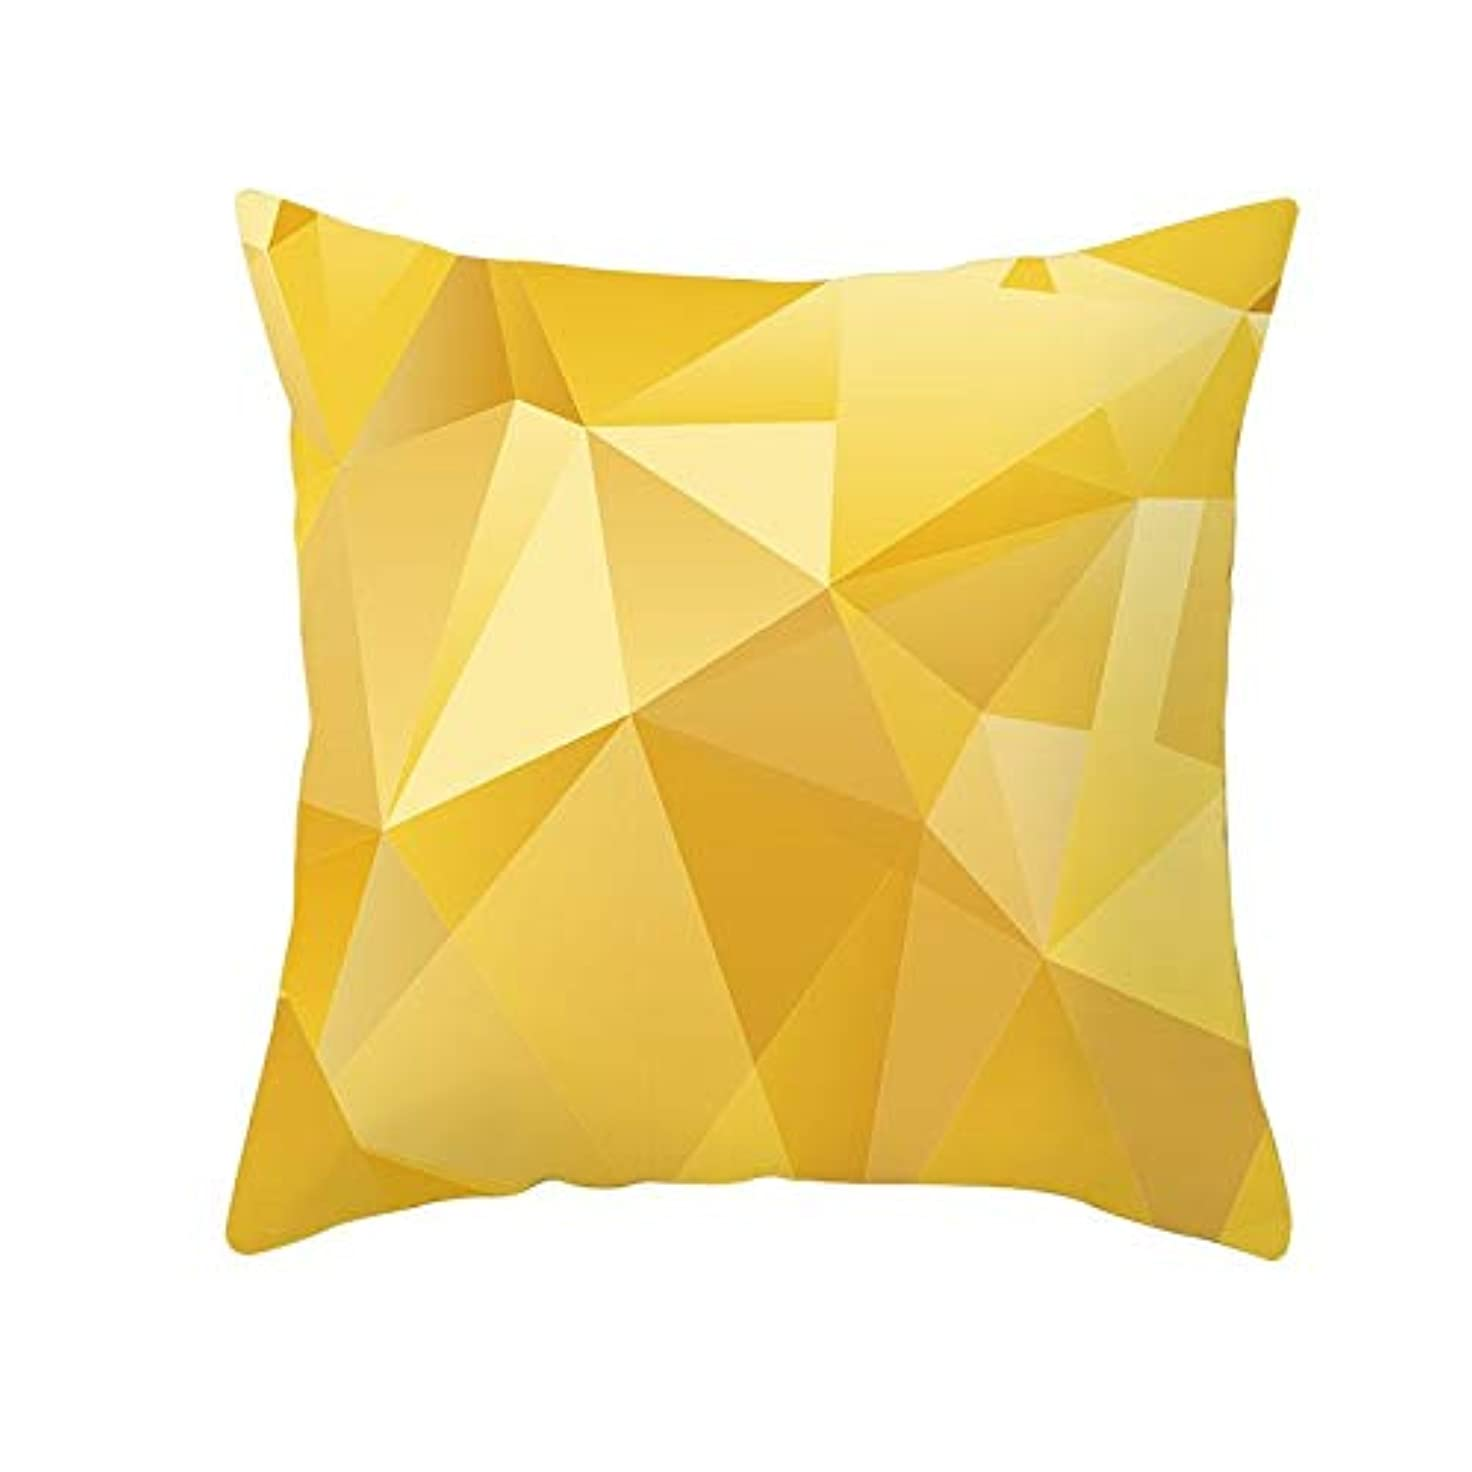 非互換簡単な捕虜LIFE 装飾クッションソファ 幾何学プリントポリエステル正方形の枕ソファスロークッション家の装飾 coussin デ長椅子 クッション 椅子